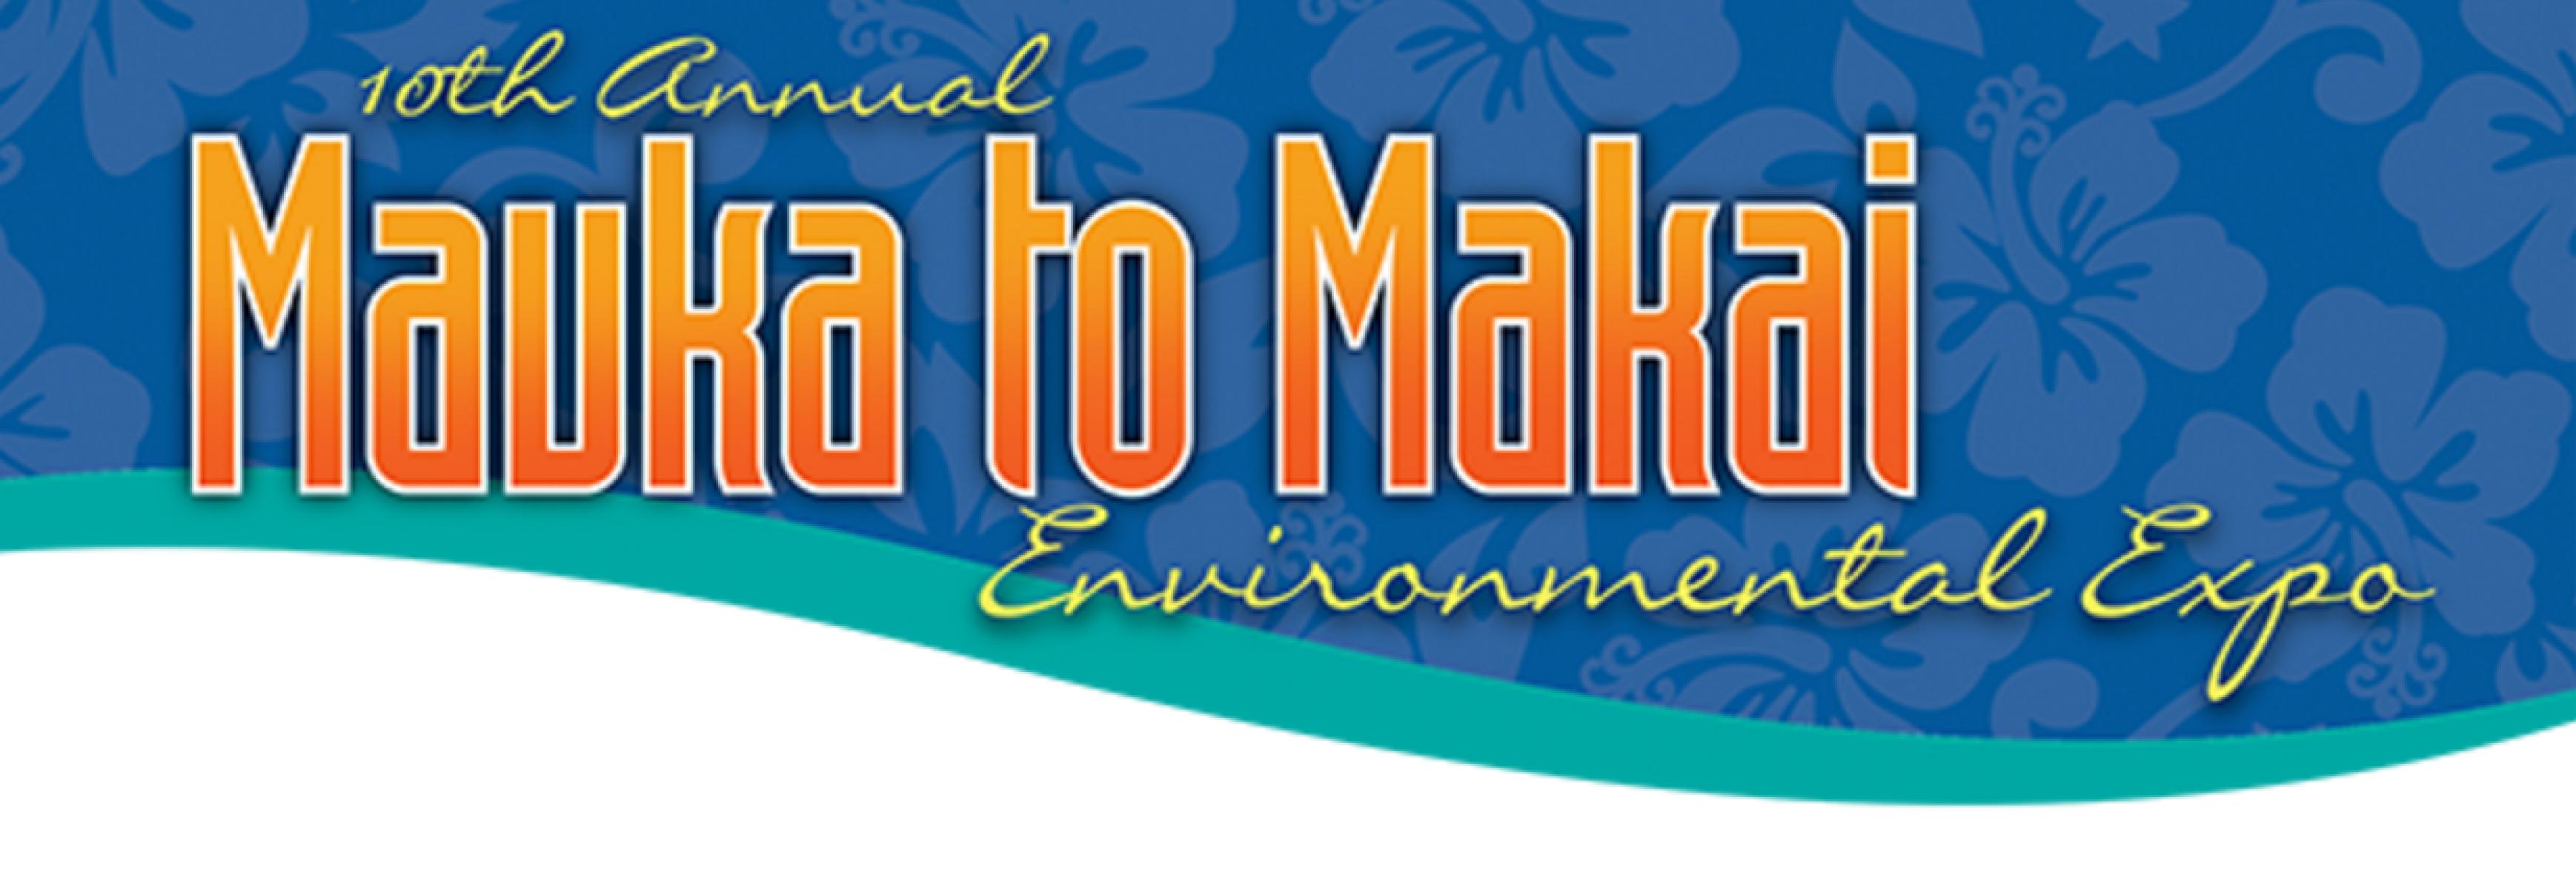 10th Annual Mauka to Makai Environmental Expo